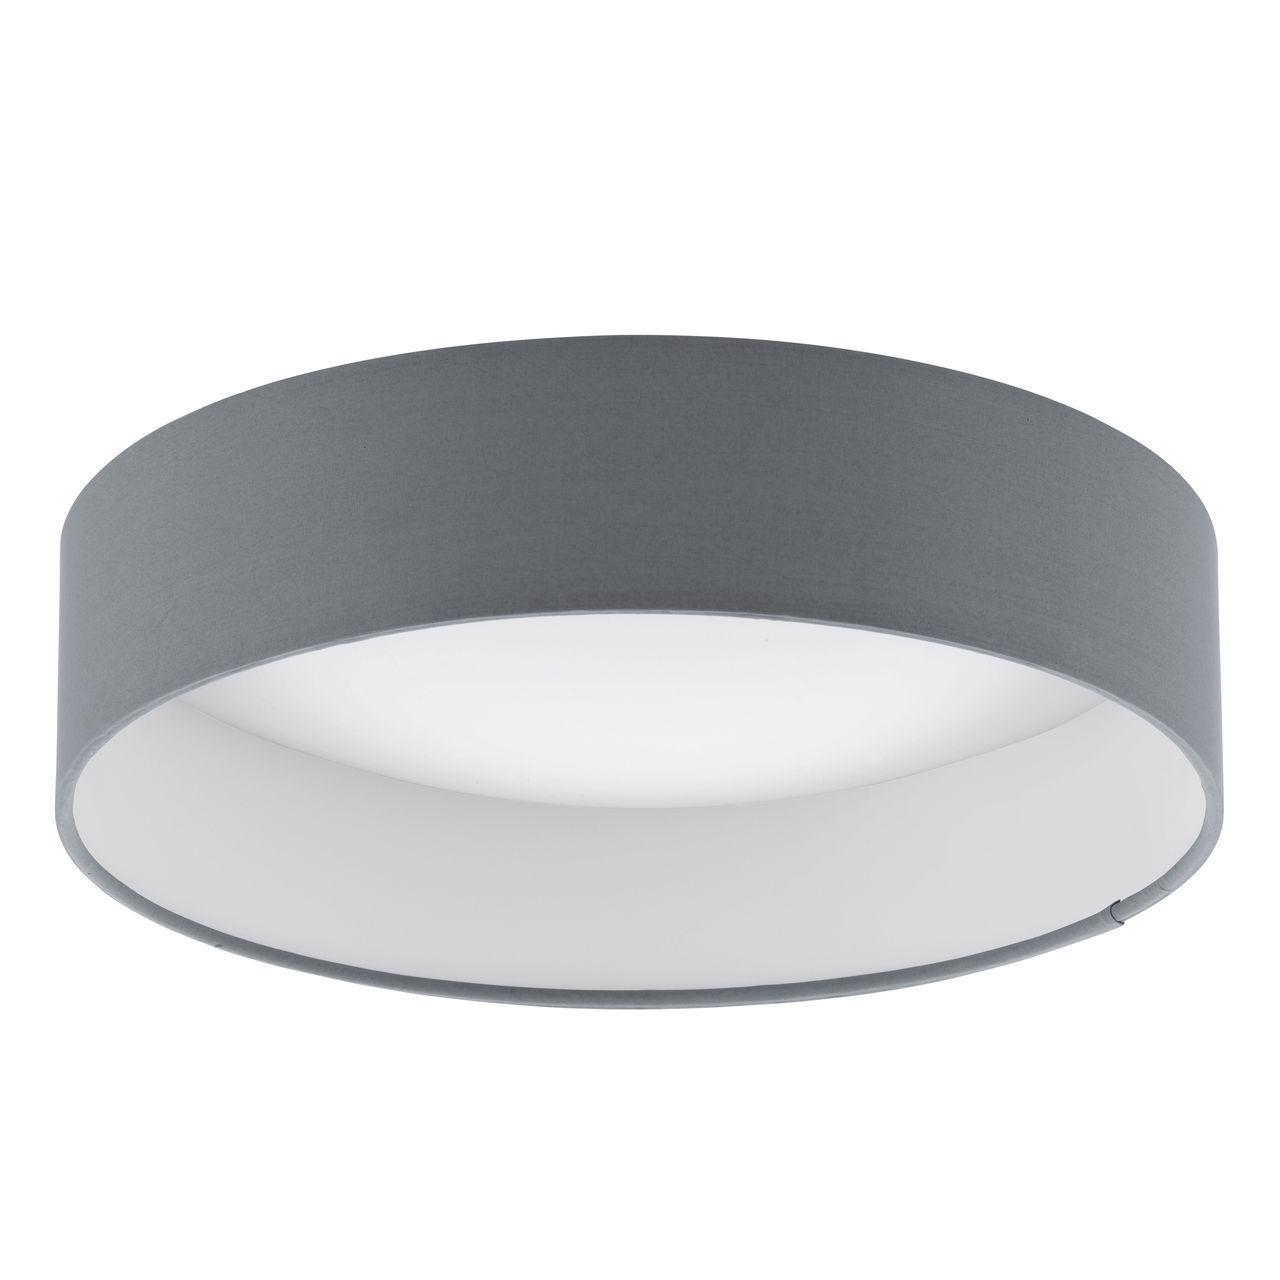 Потолочный светильник Eglo Palomaro 93395 светильник потолочный eglo palomaro 1 96537